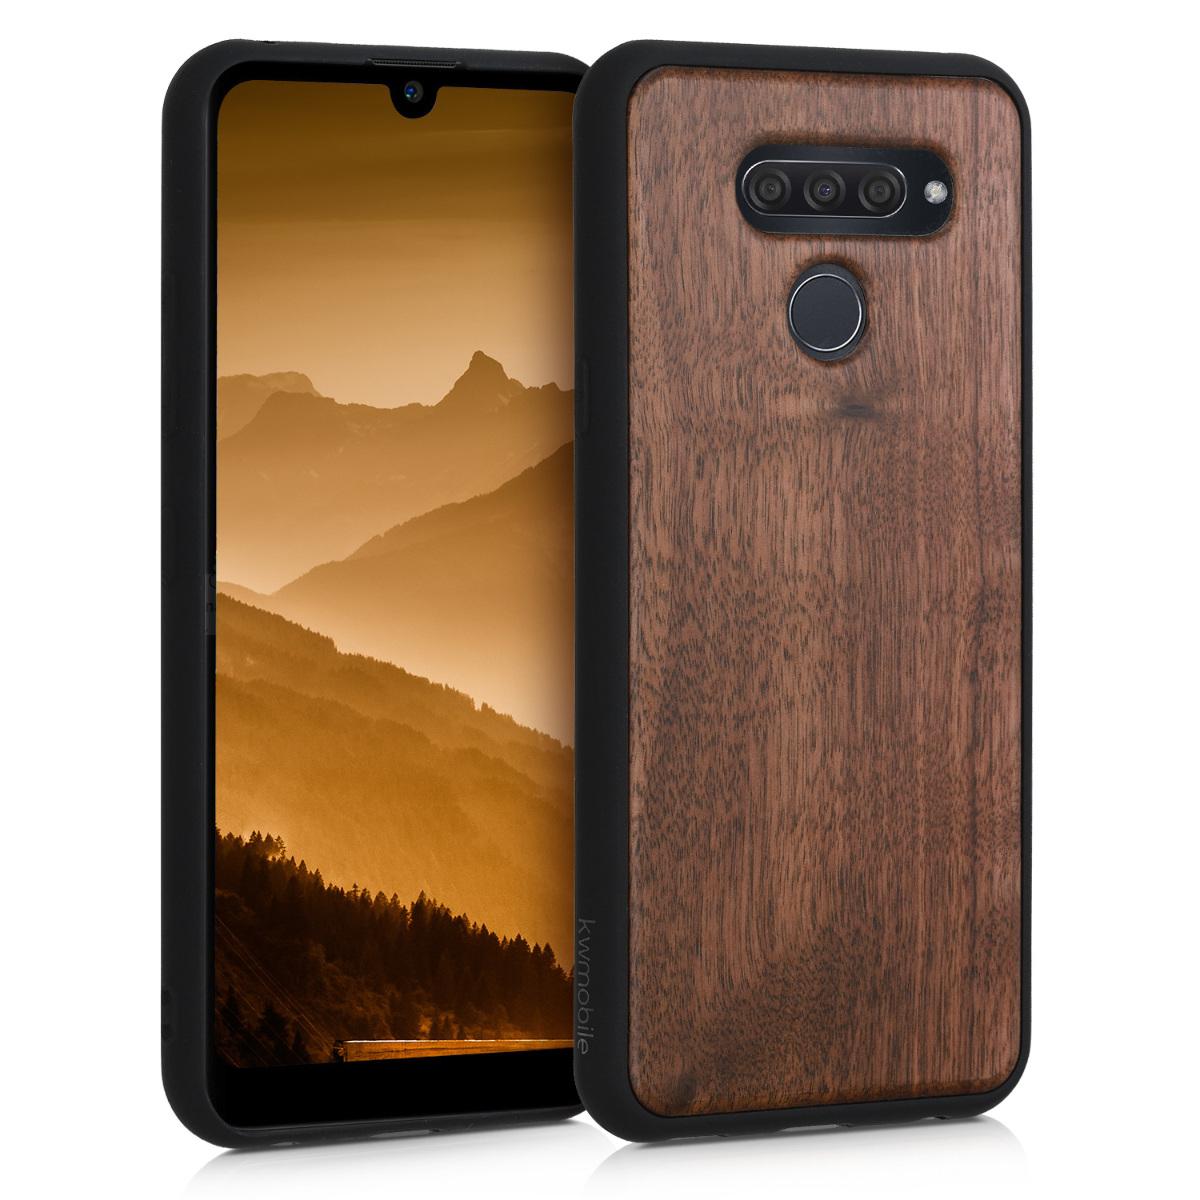 KW Σκληρή Ξύλινη Θήκη LG Q60 - Dark Brown (50518.18)